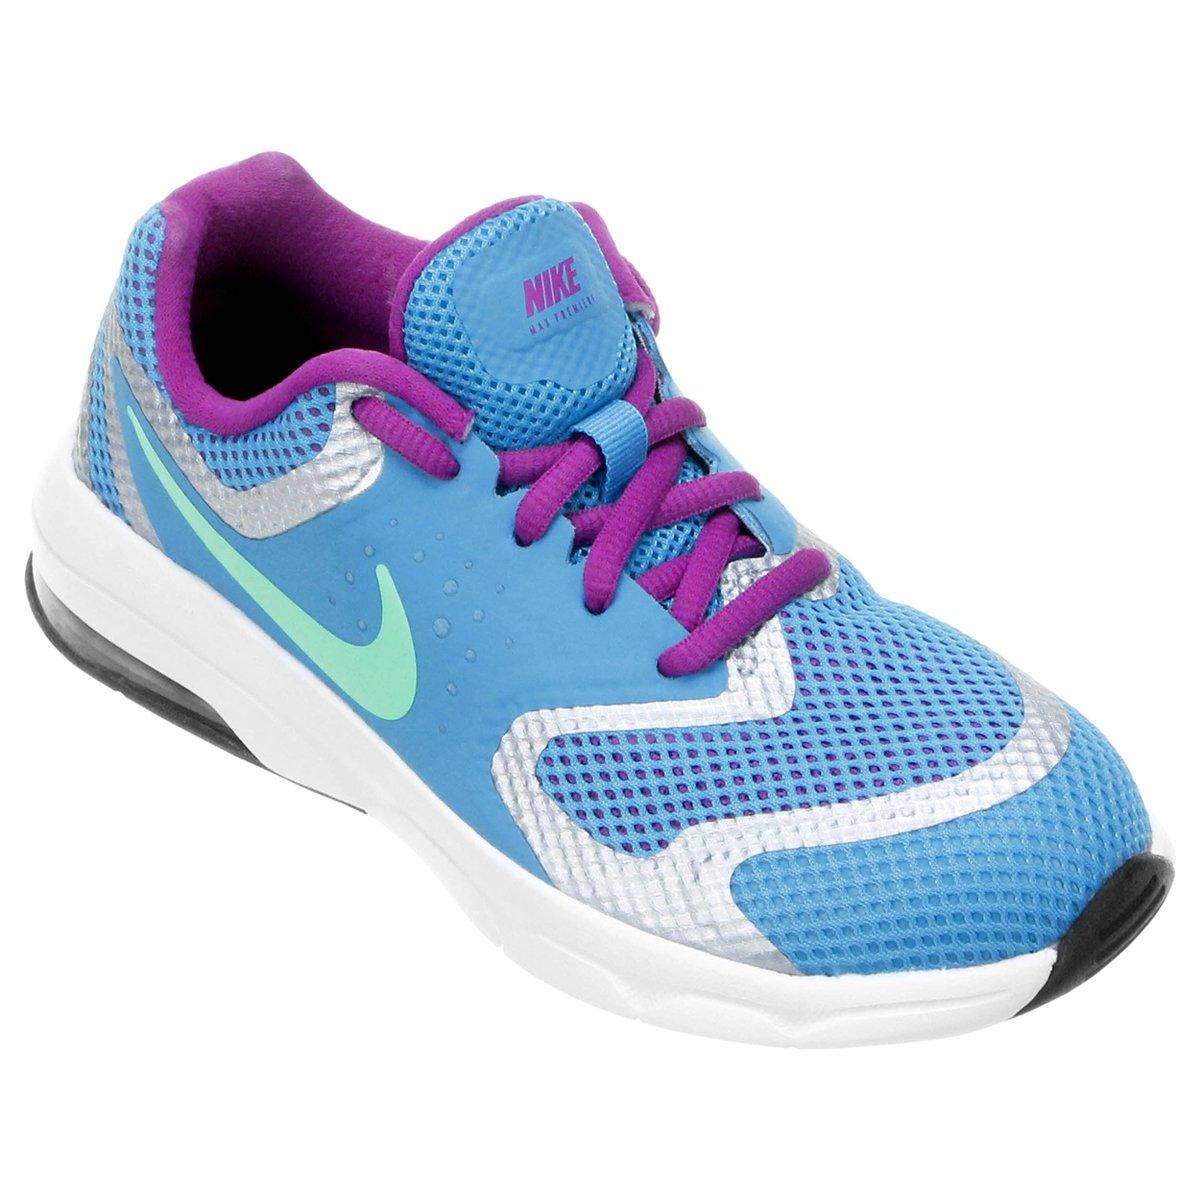 Tênis Nike Air Max Premiere Run Infantil - Compre Agora  ad0117f5d05